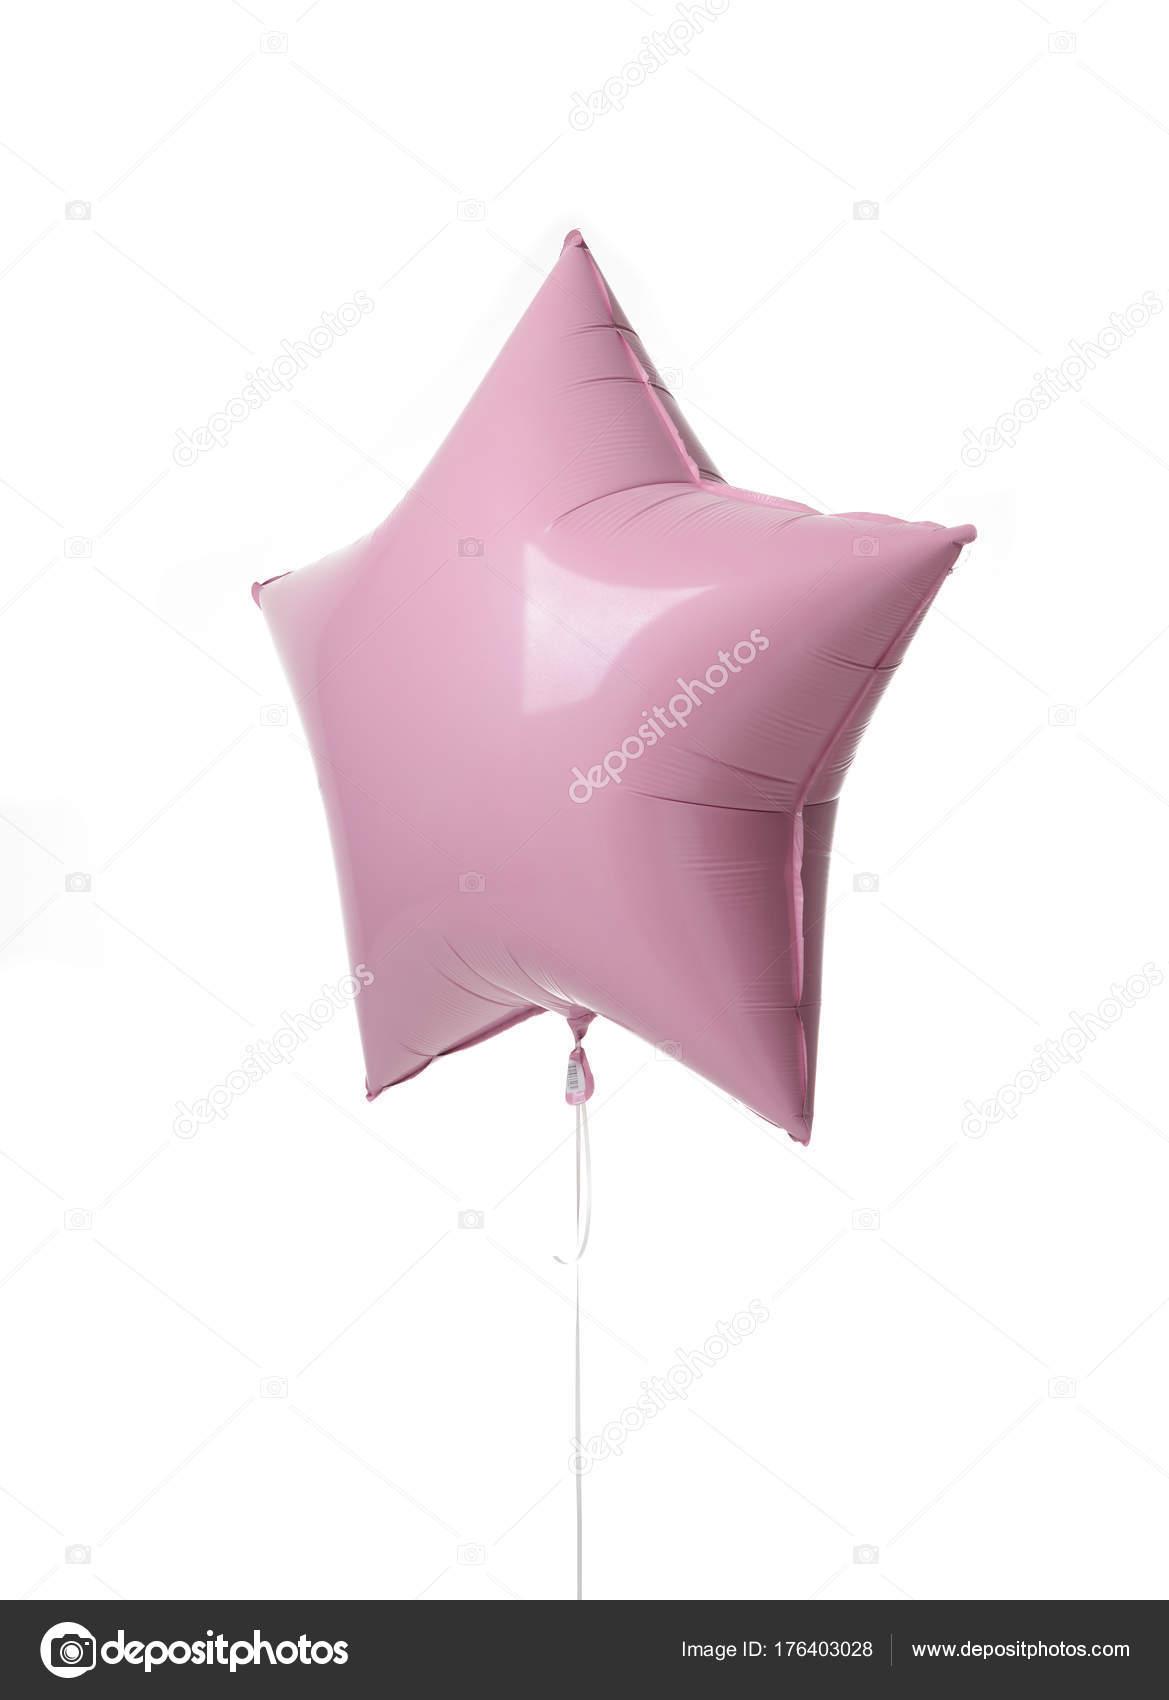 誕生日シングル ピンク大きな 36 インチ メタリック風船星形の